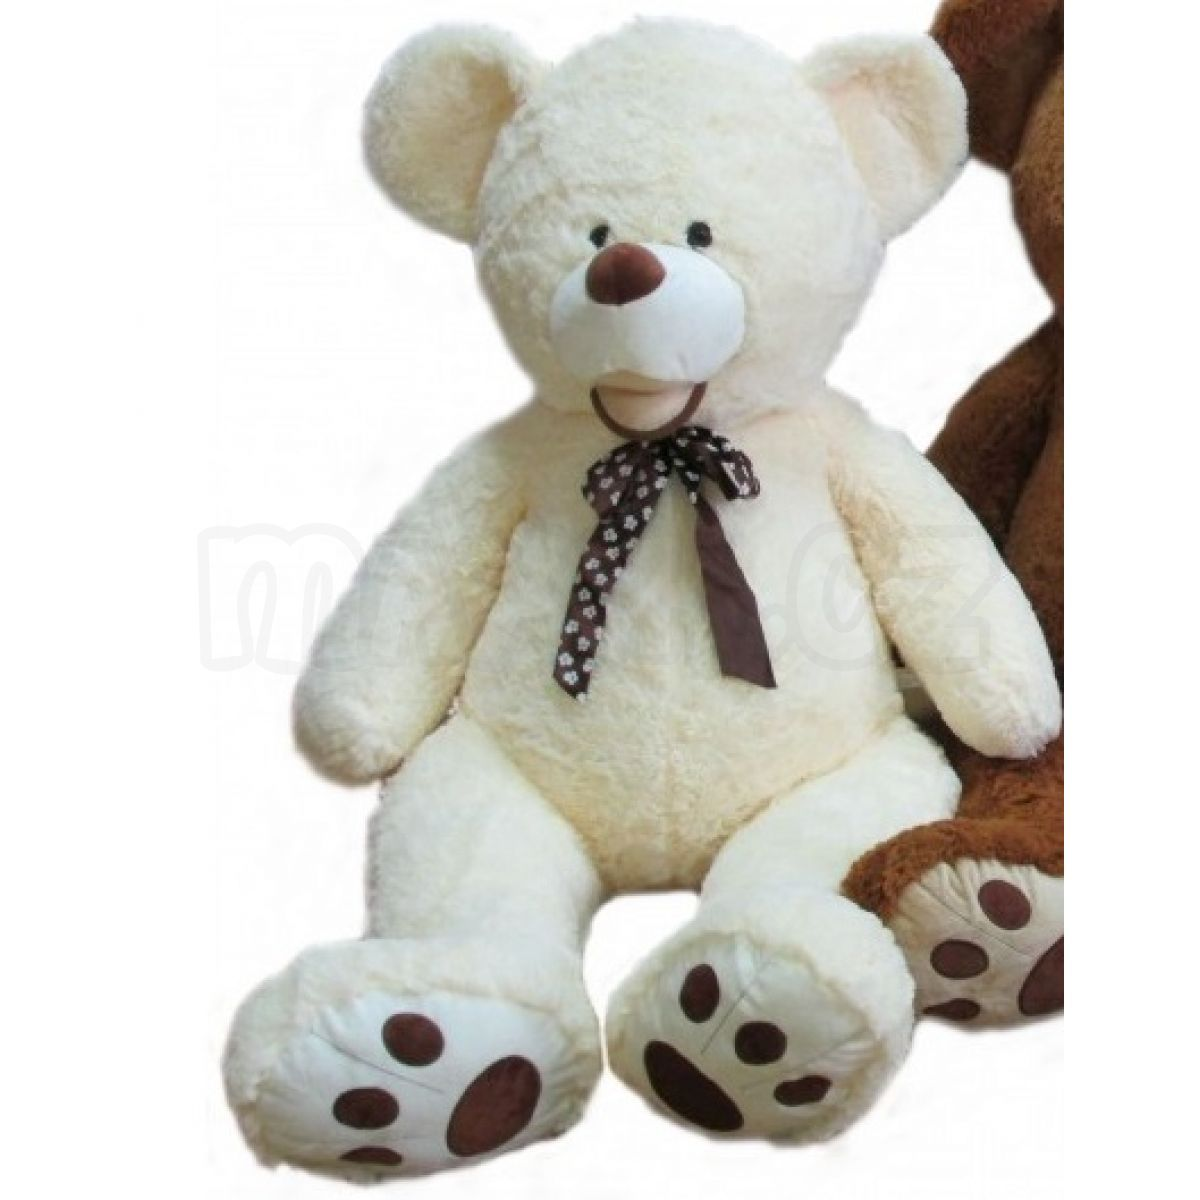 002231118 Teddies Plyšový medvěd 80cm   Maxíkovy hračky